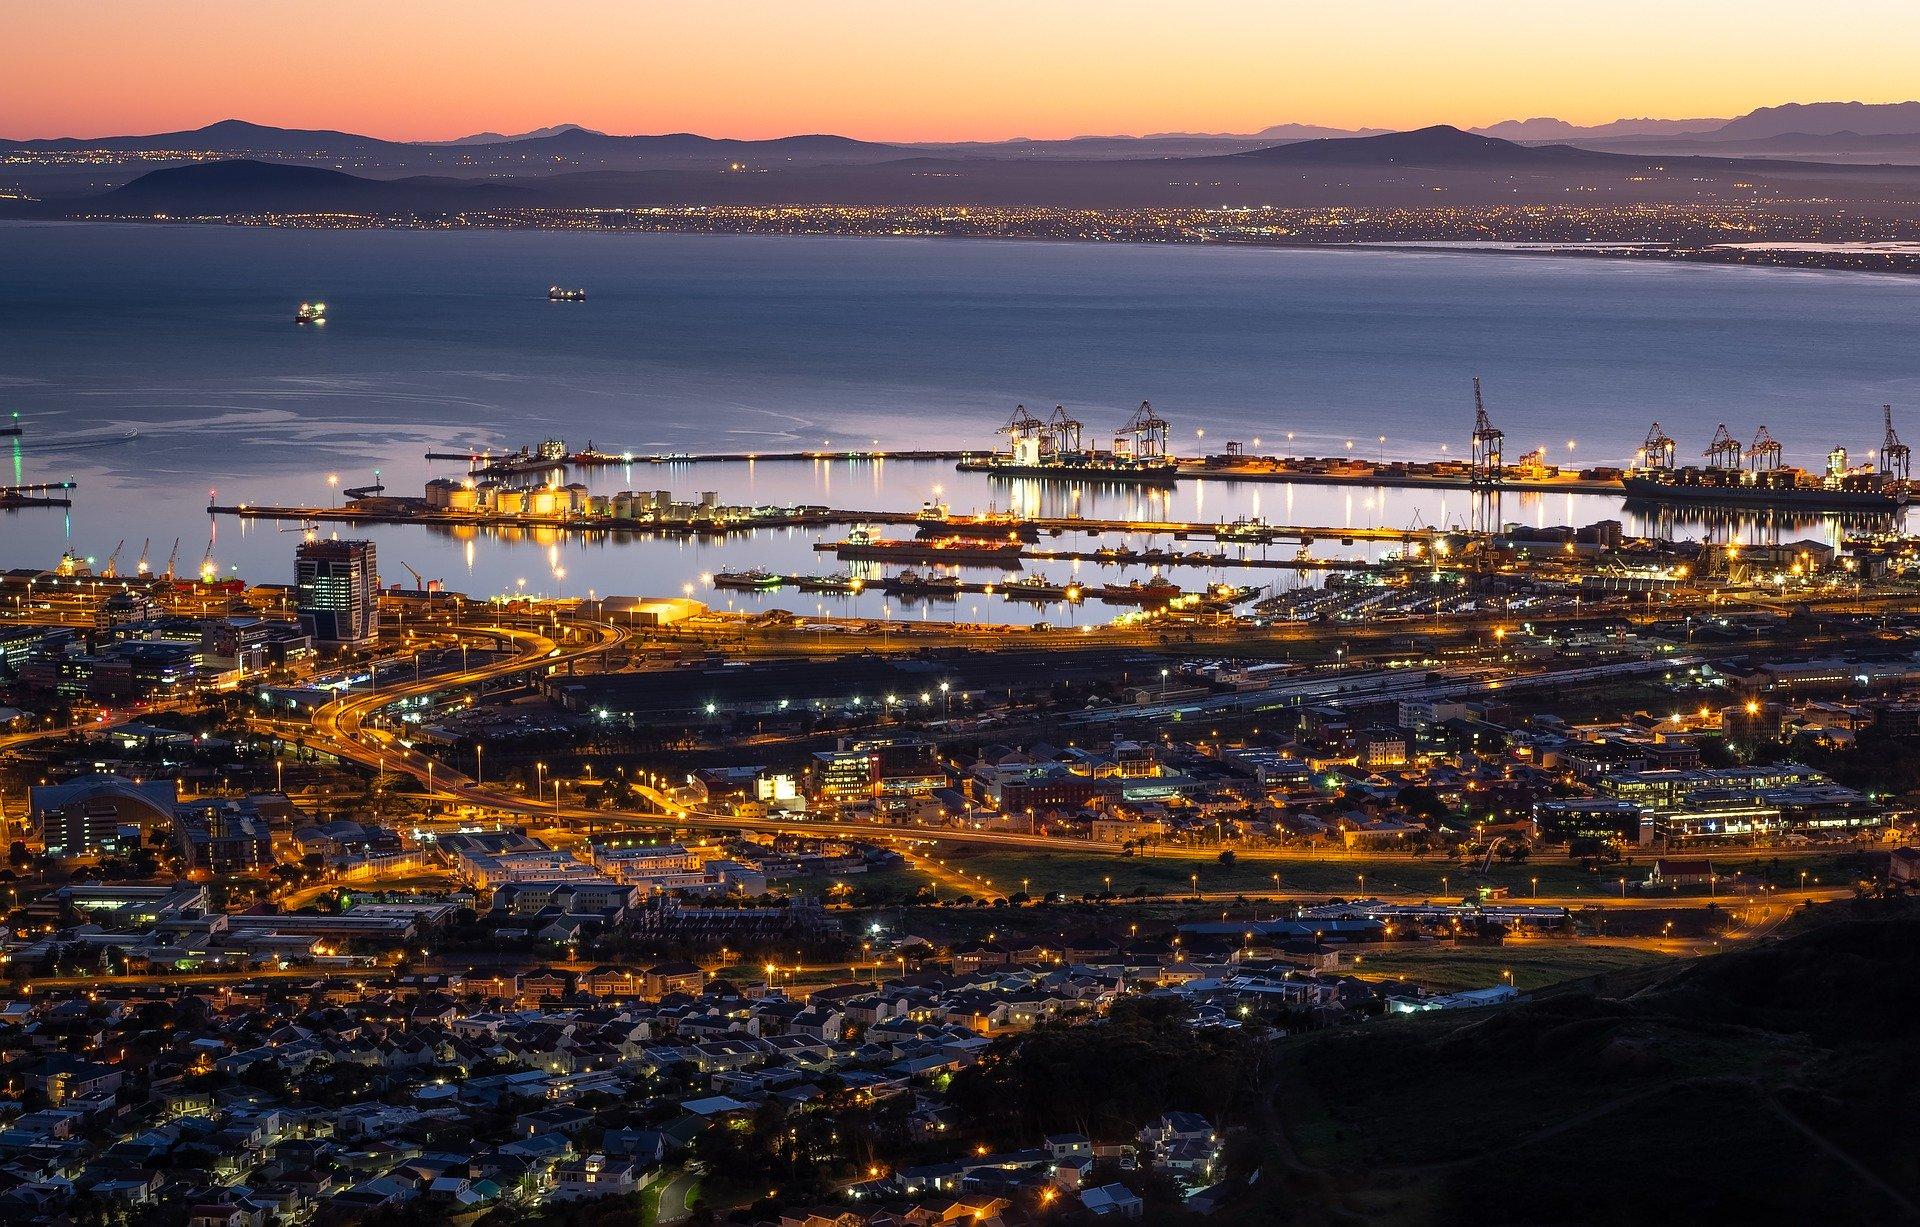 Cape Town 10 cose da vedere: i luoghi più importanti